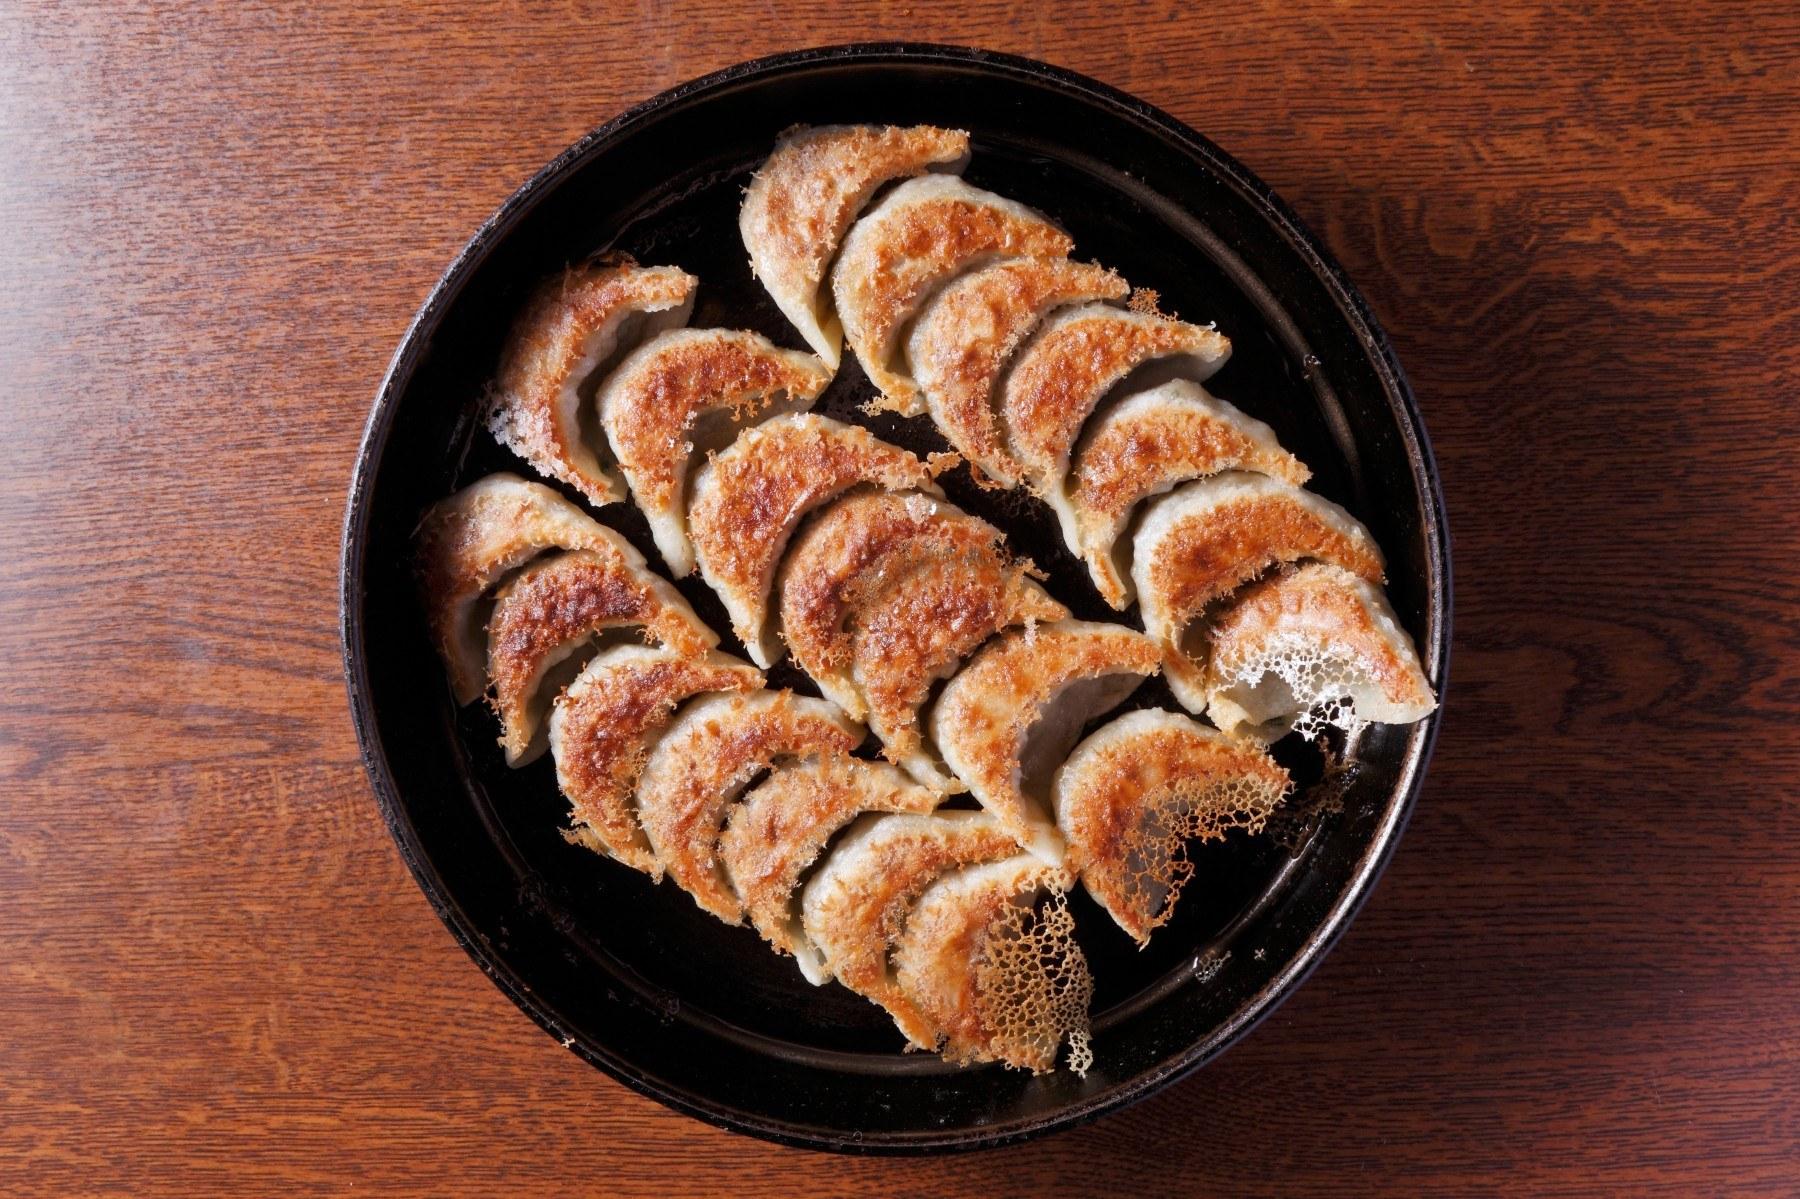 鉄鍋餃子(2011)の画像